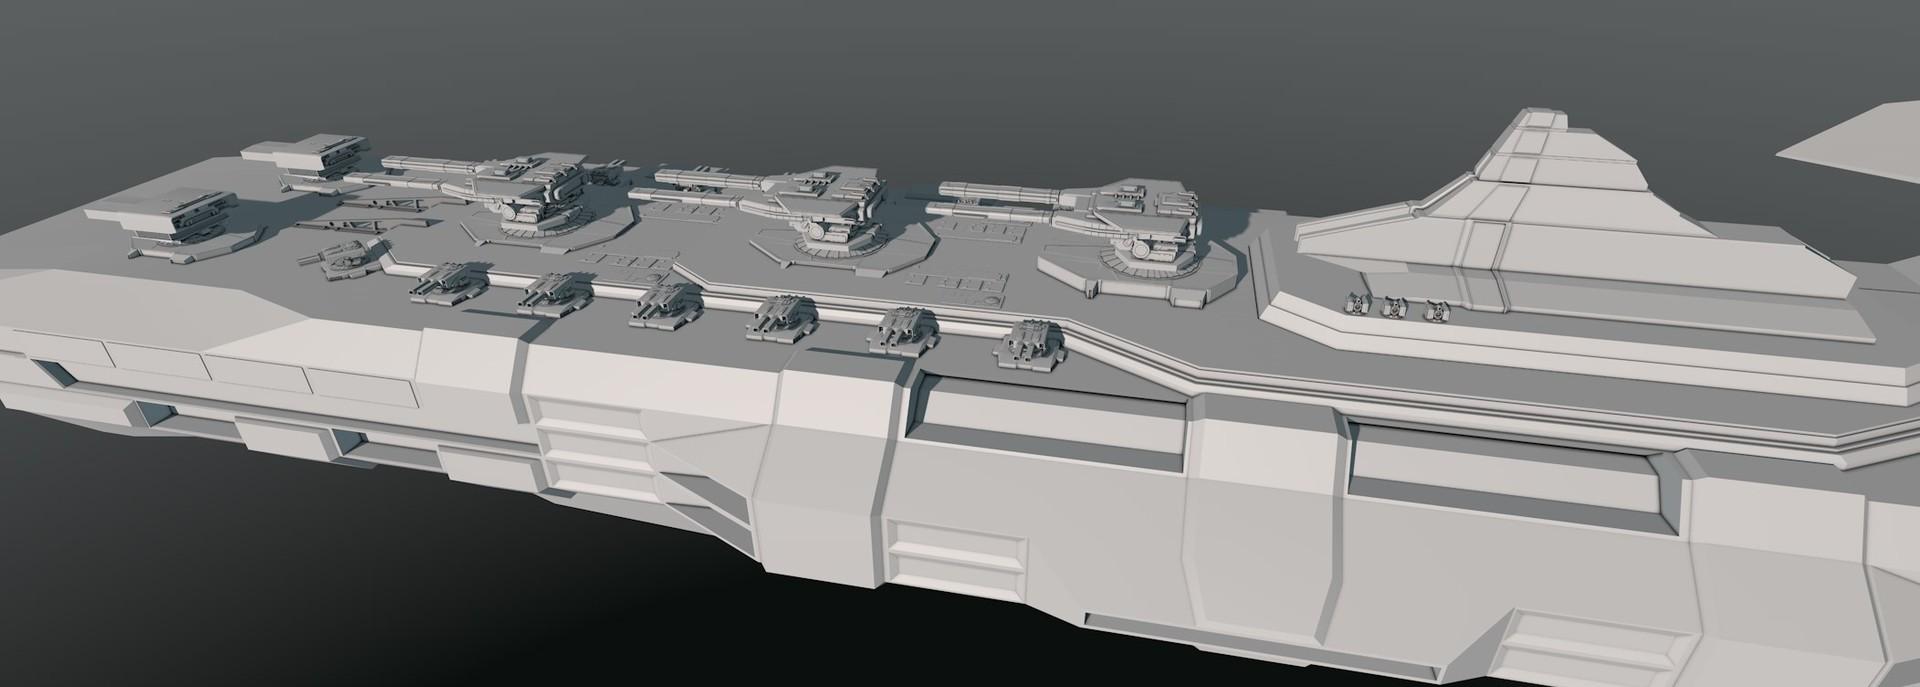 Glenn clovis concept battleship saratoga 13